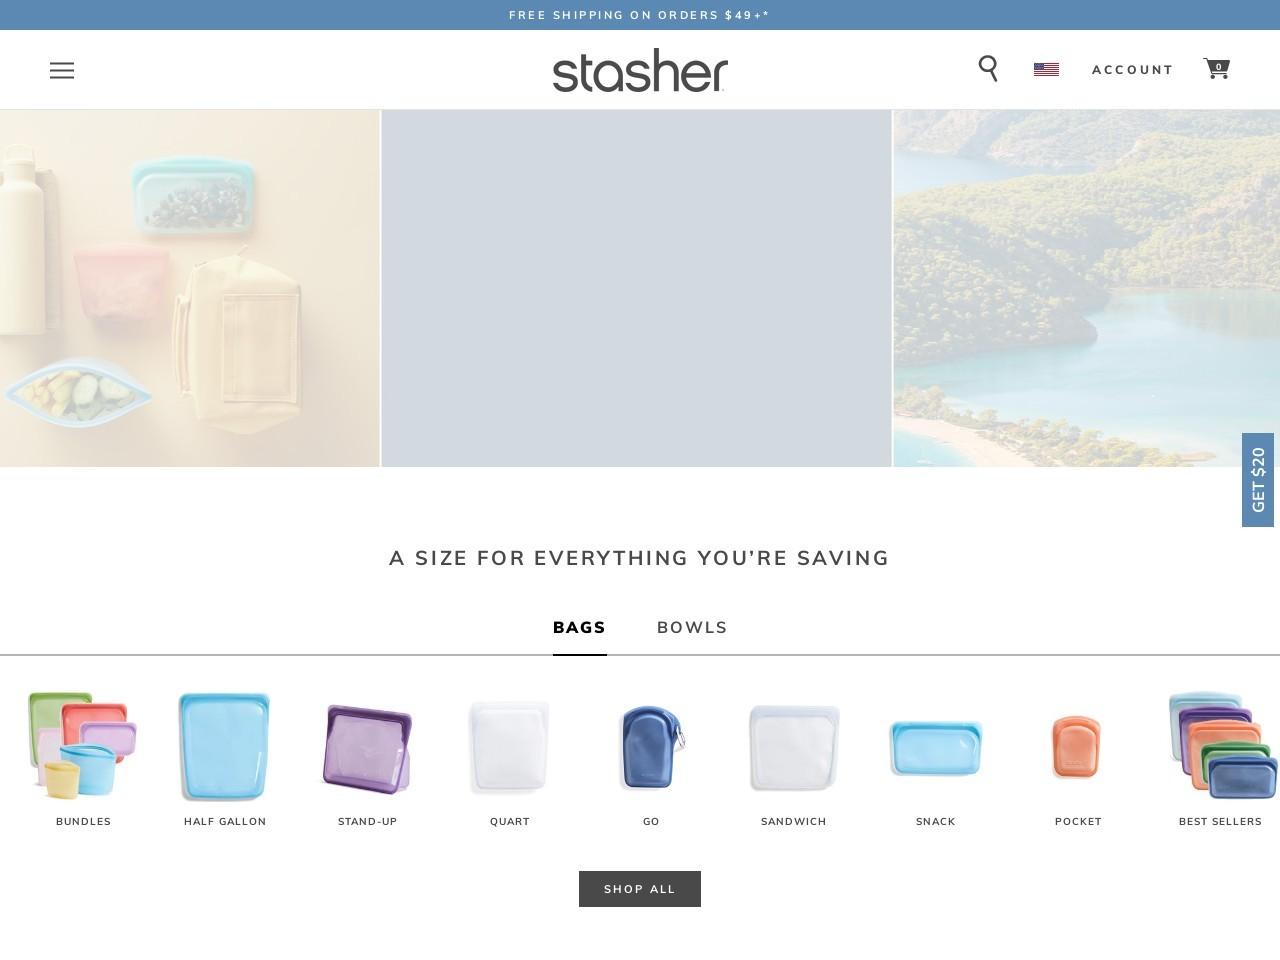 stasherbag.com